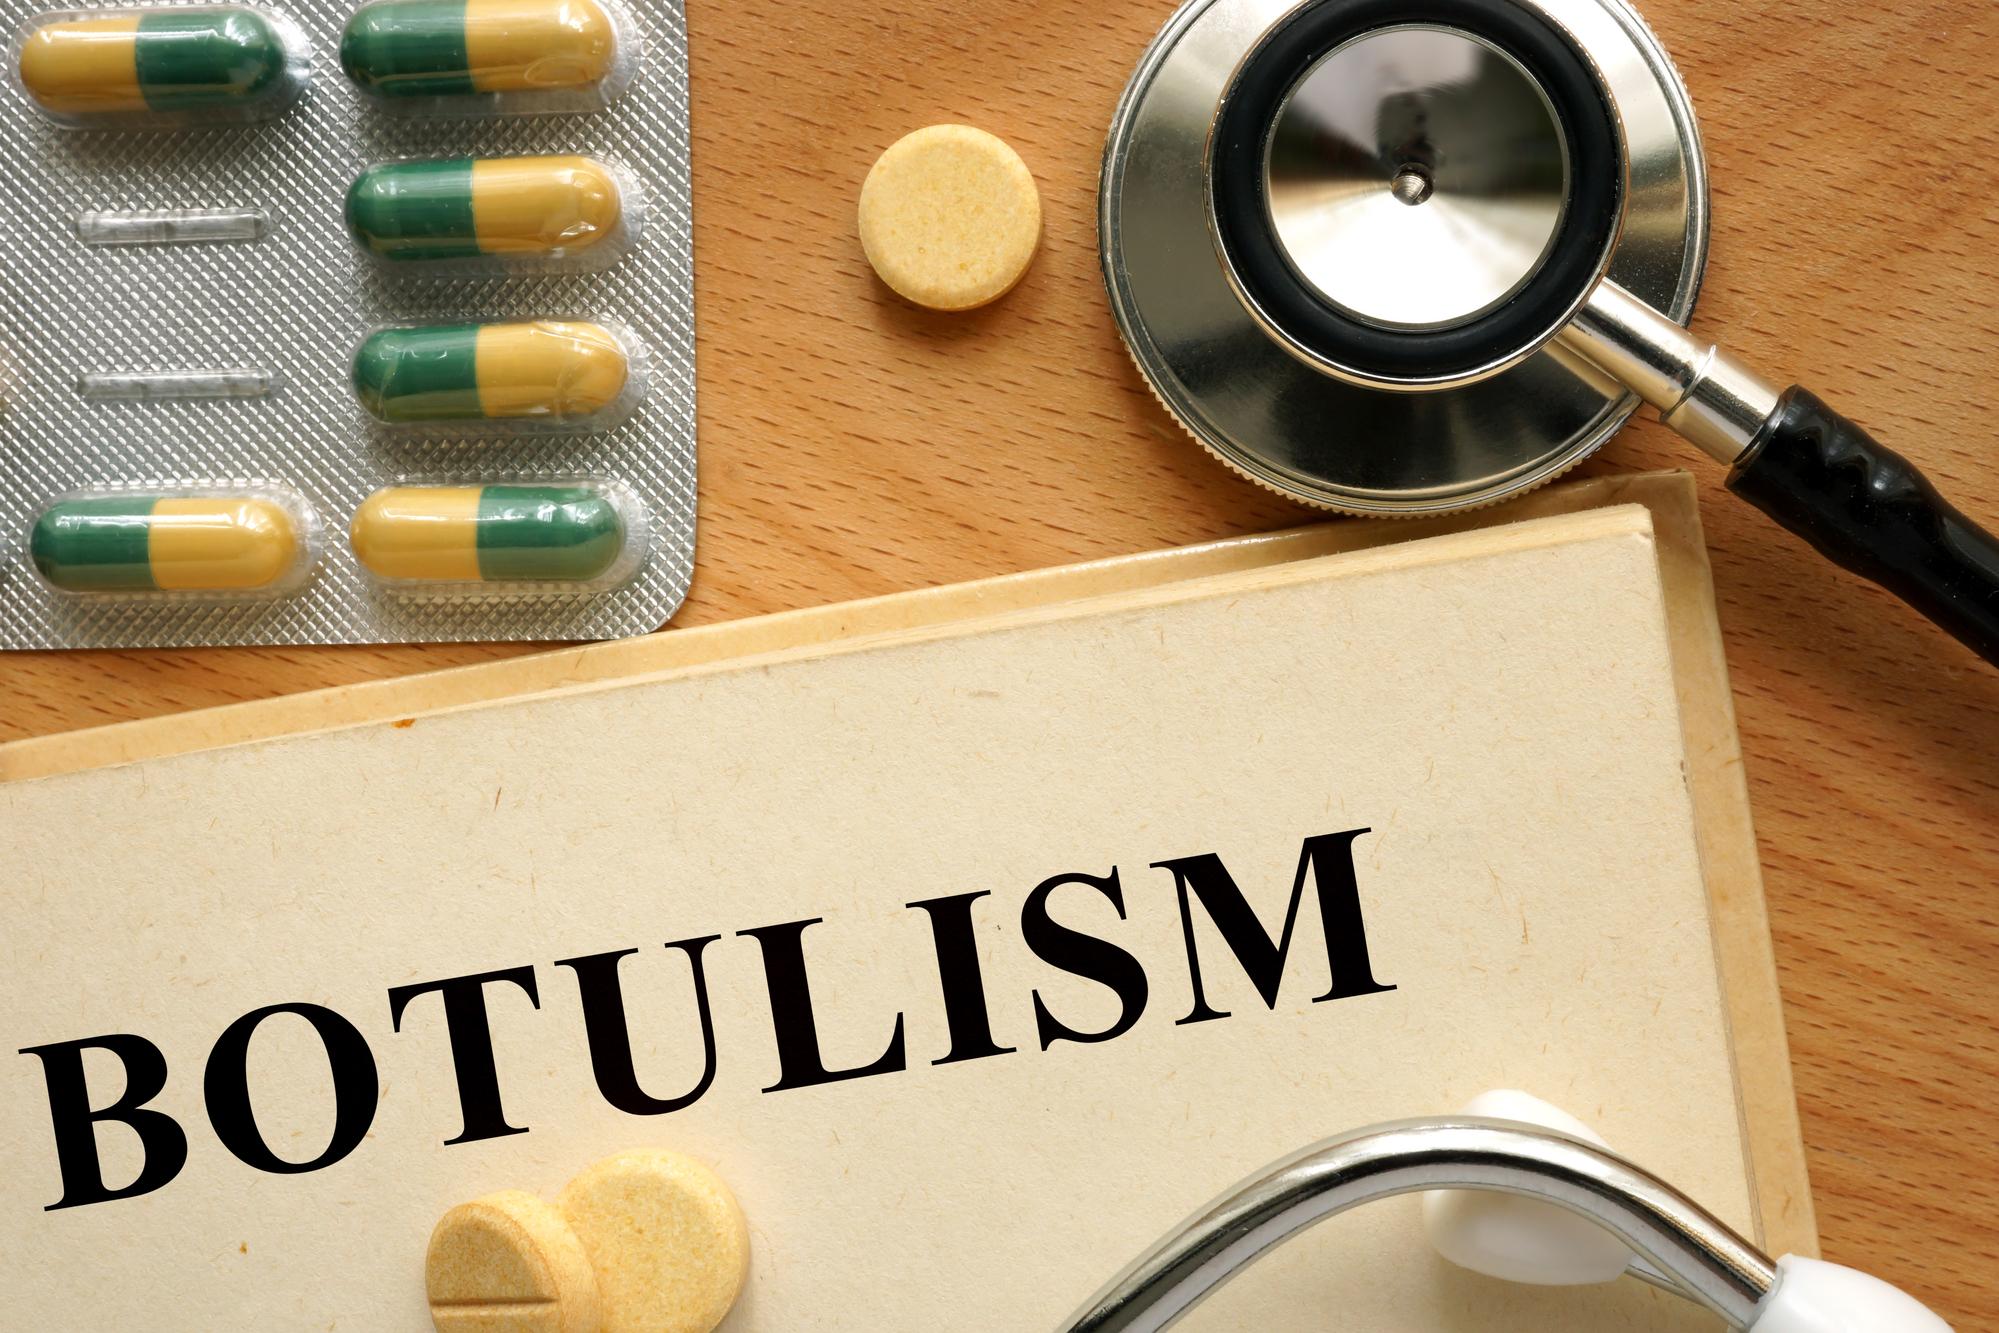 Ульяна Супрун рассказала, что следует знать о ботулизме